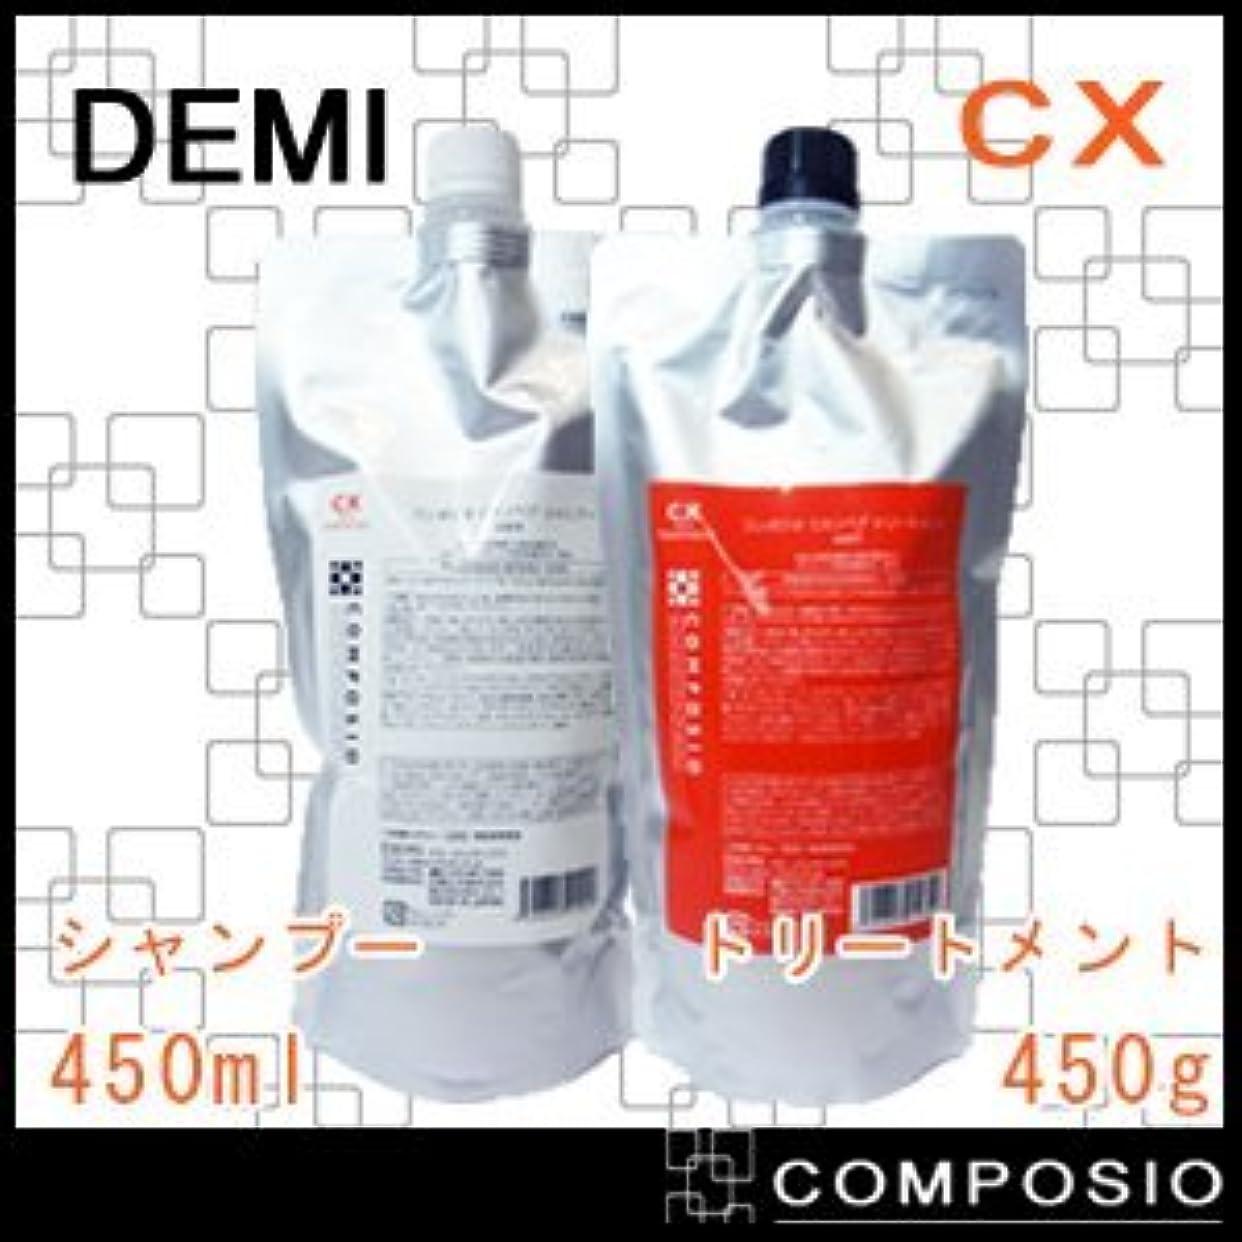 壁コードレス目的デミ コンポジオ CXリペアシャンプー&トリートメント 詰め替え セット 450ml,450g